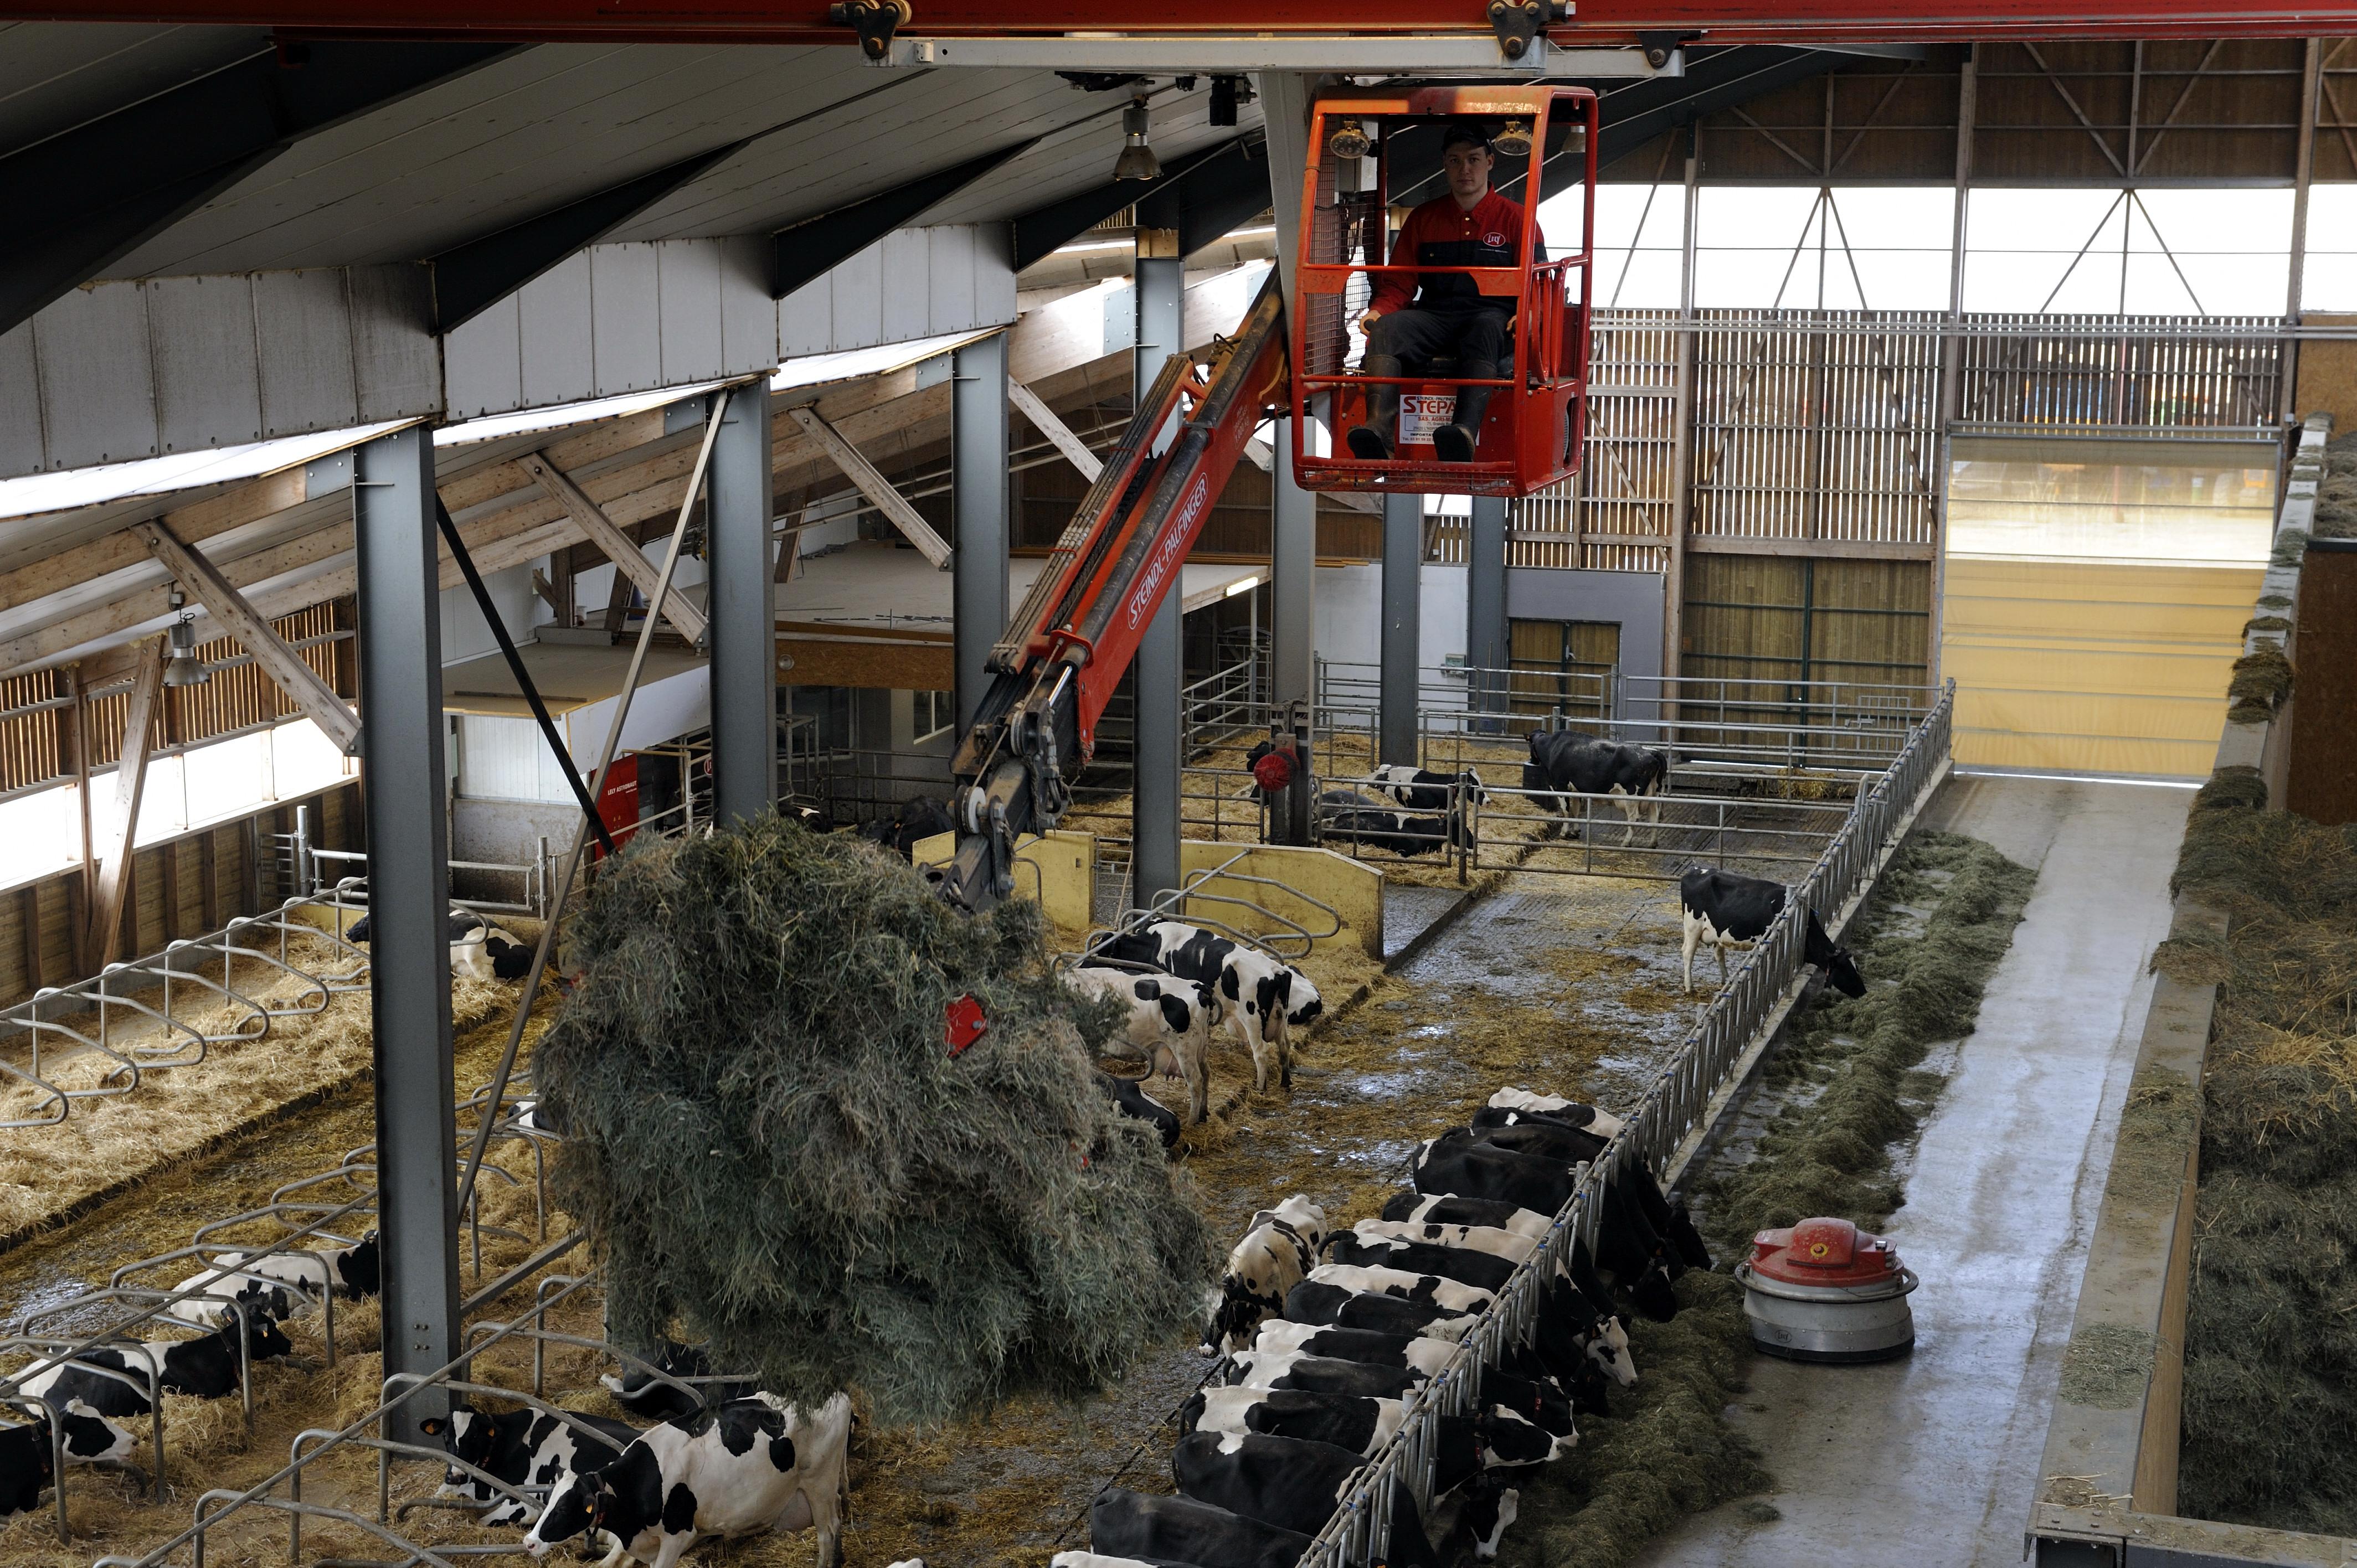 Vue intérieur du bâtiment d'élevage